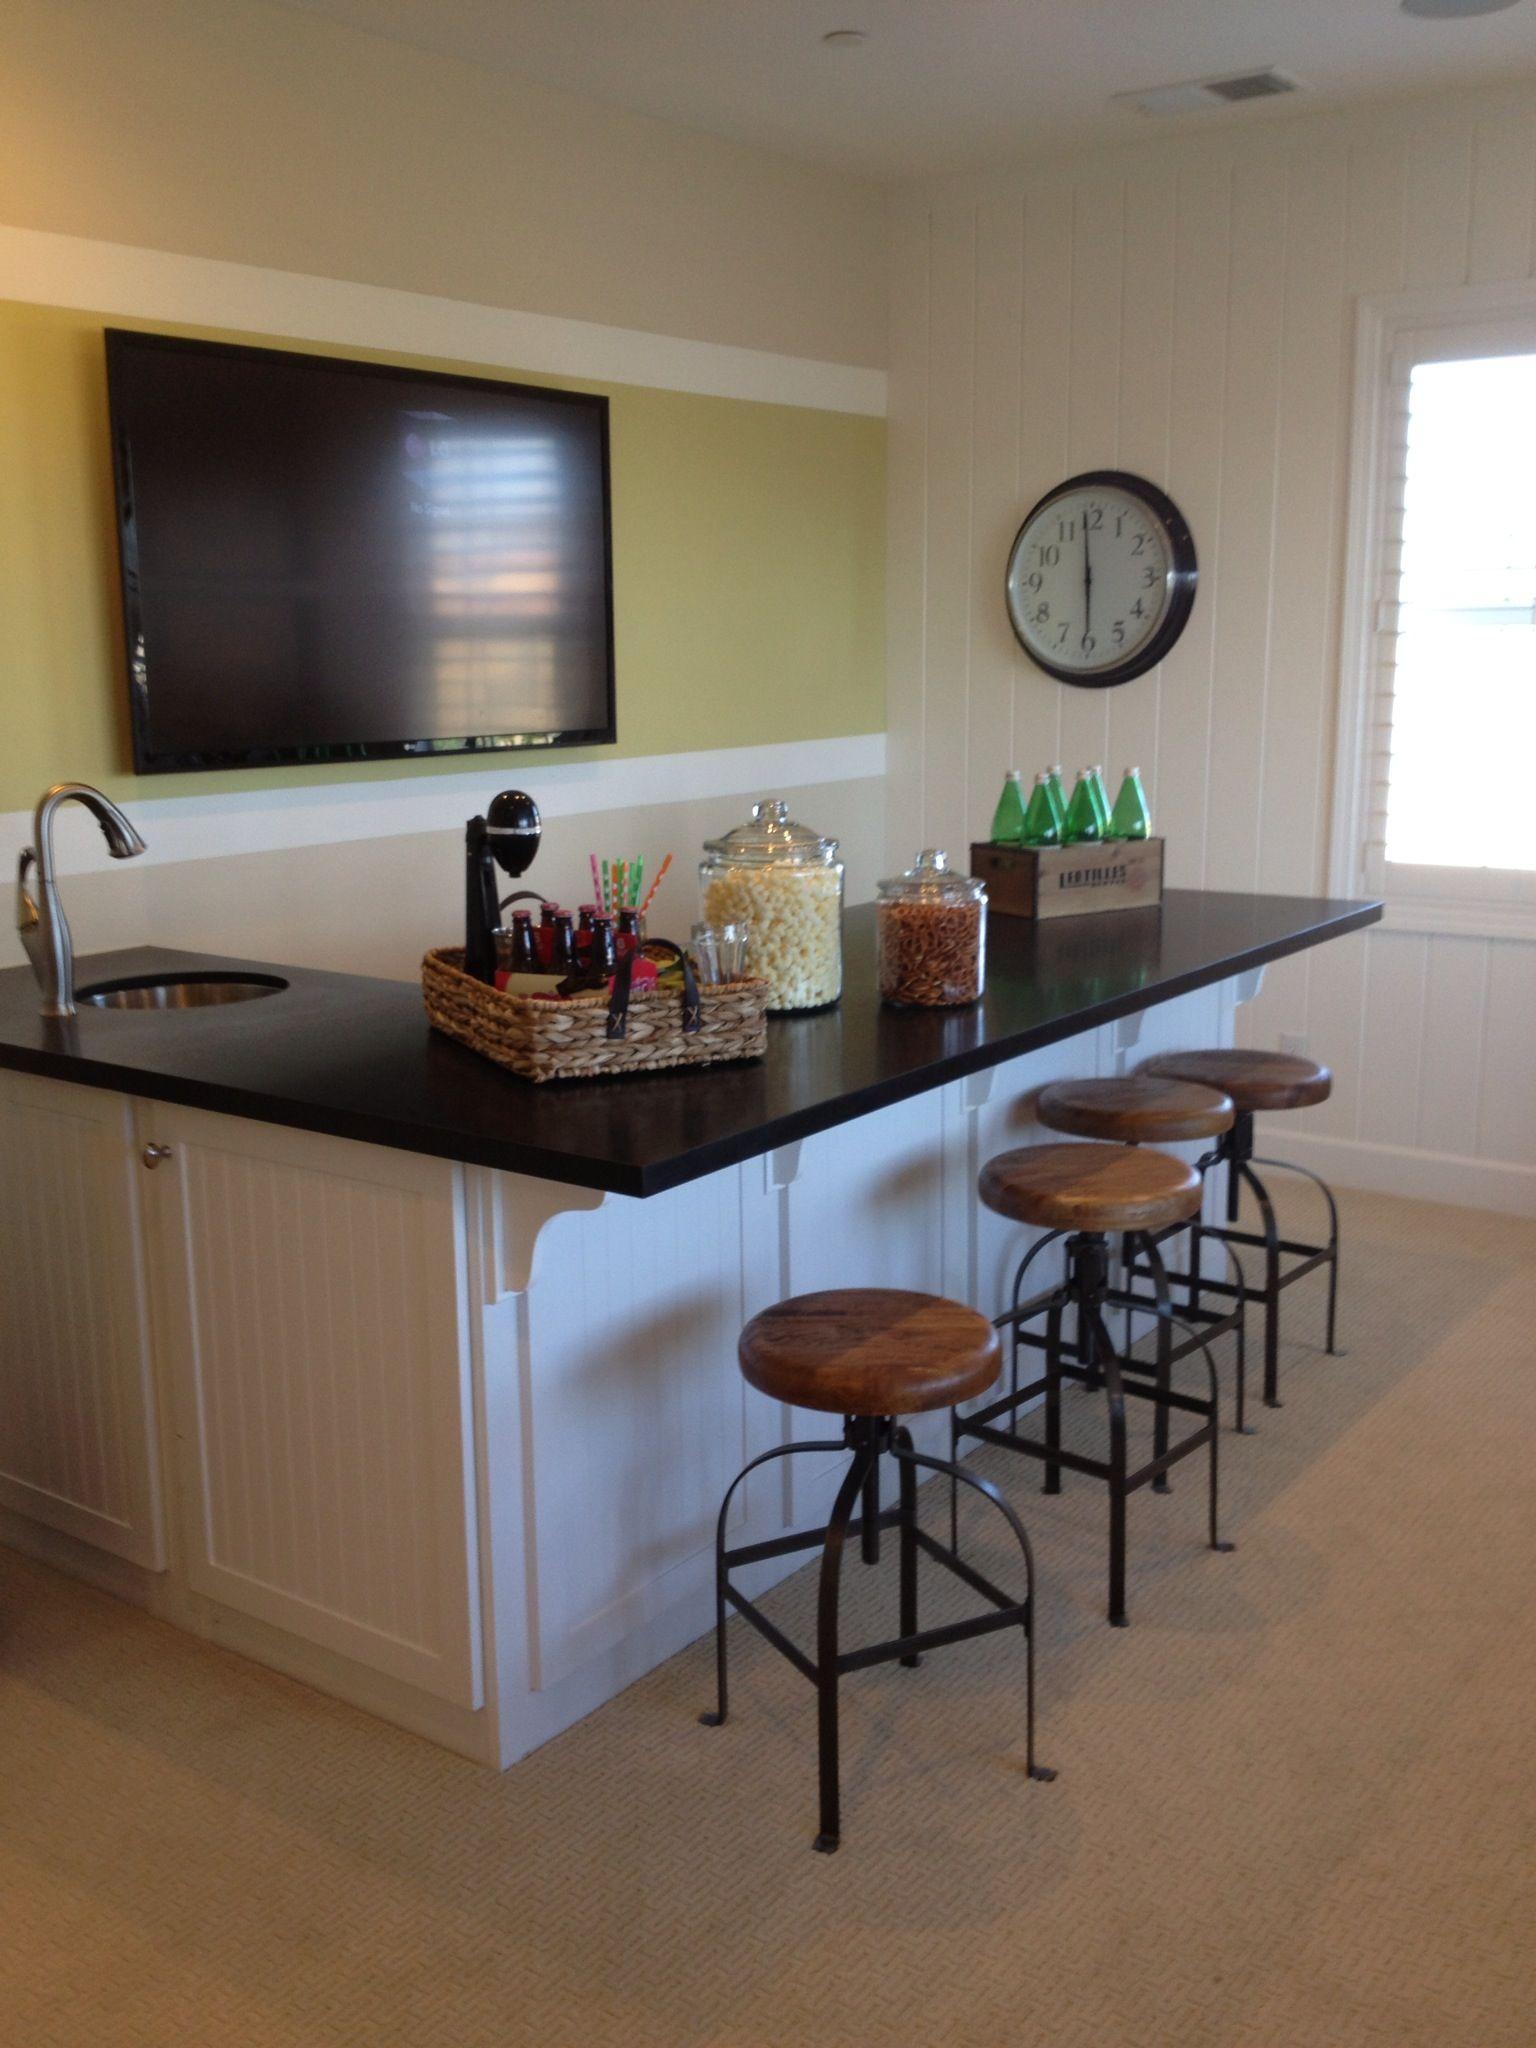 Basement Game Room Designs: Game Room Bar, Kitchen Bar